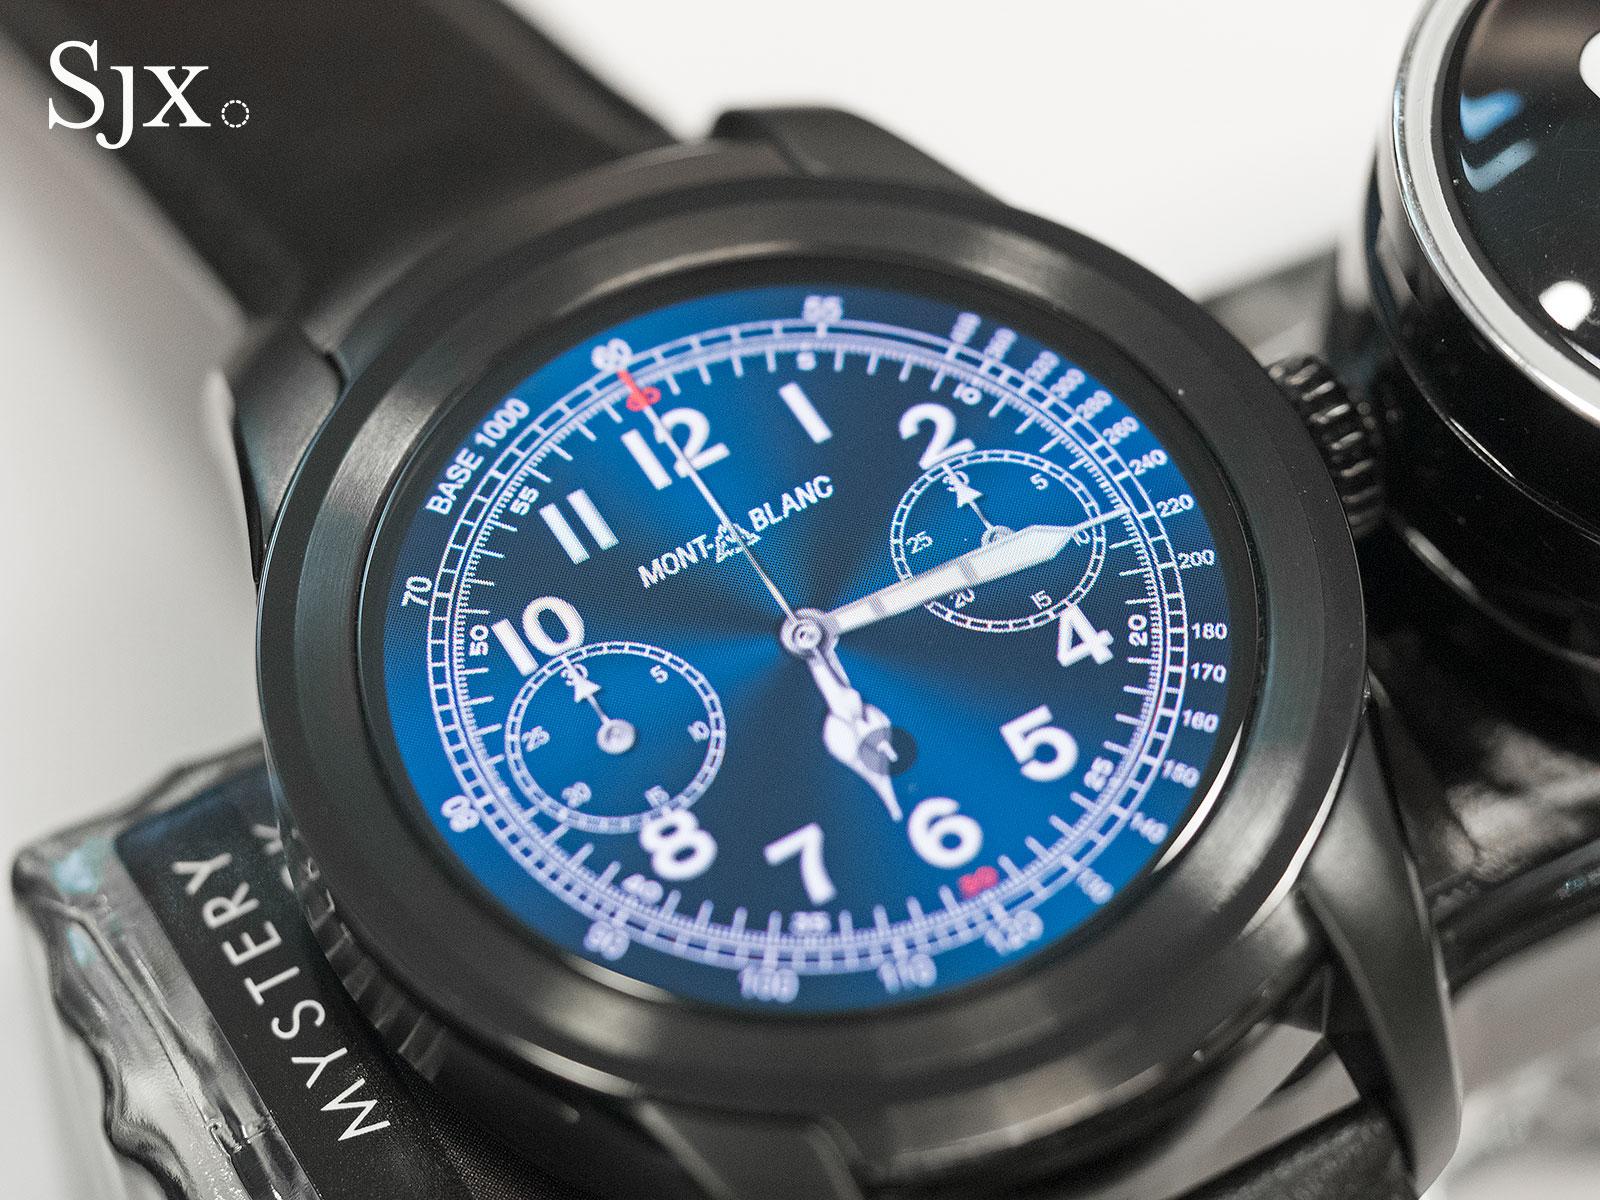 Montblanc Summit smartwatch 7